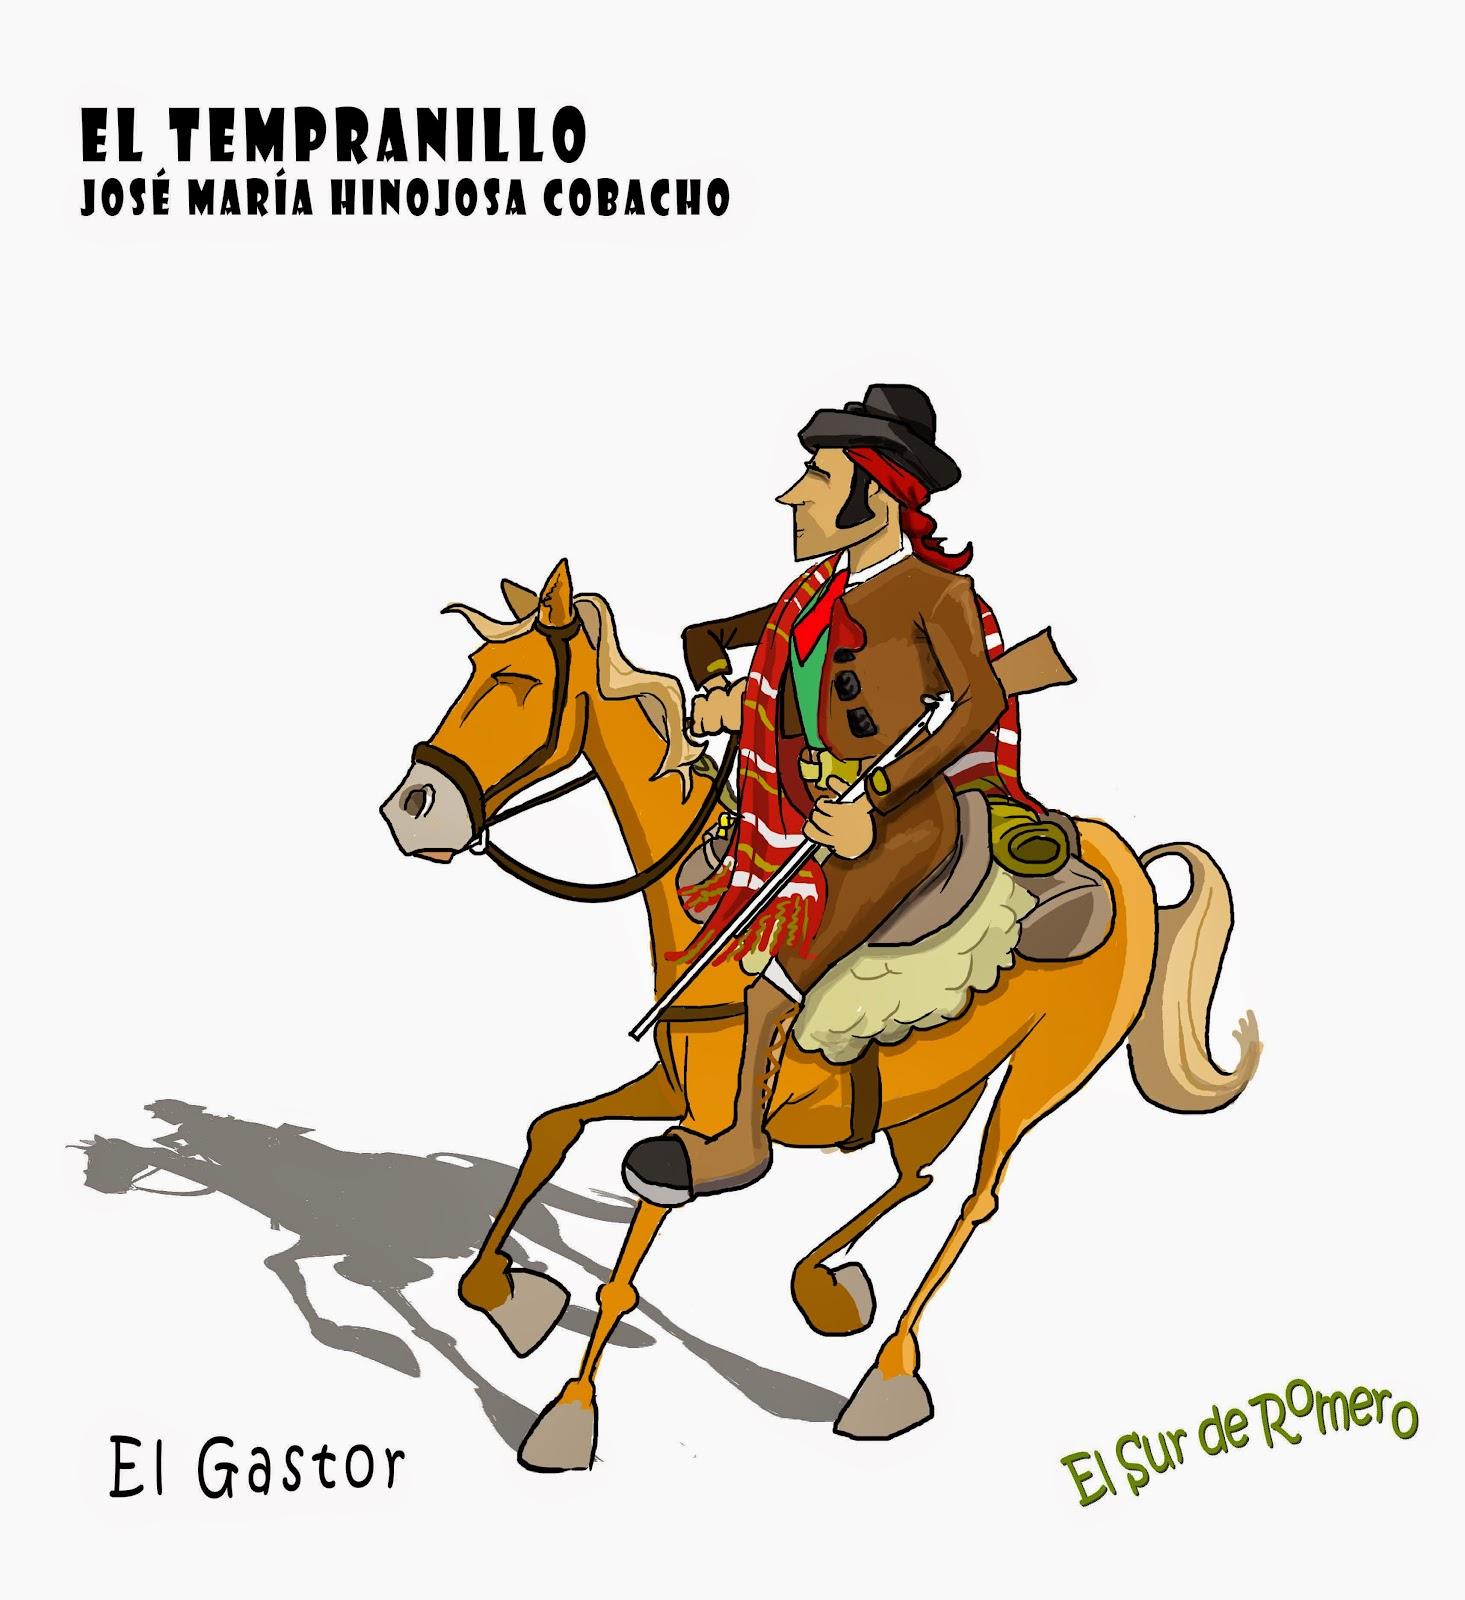 """<img src=""""Hinojosa.jpg"""" alt=""""dibujo de El Tempranillo""""/>"""